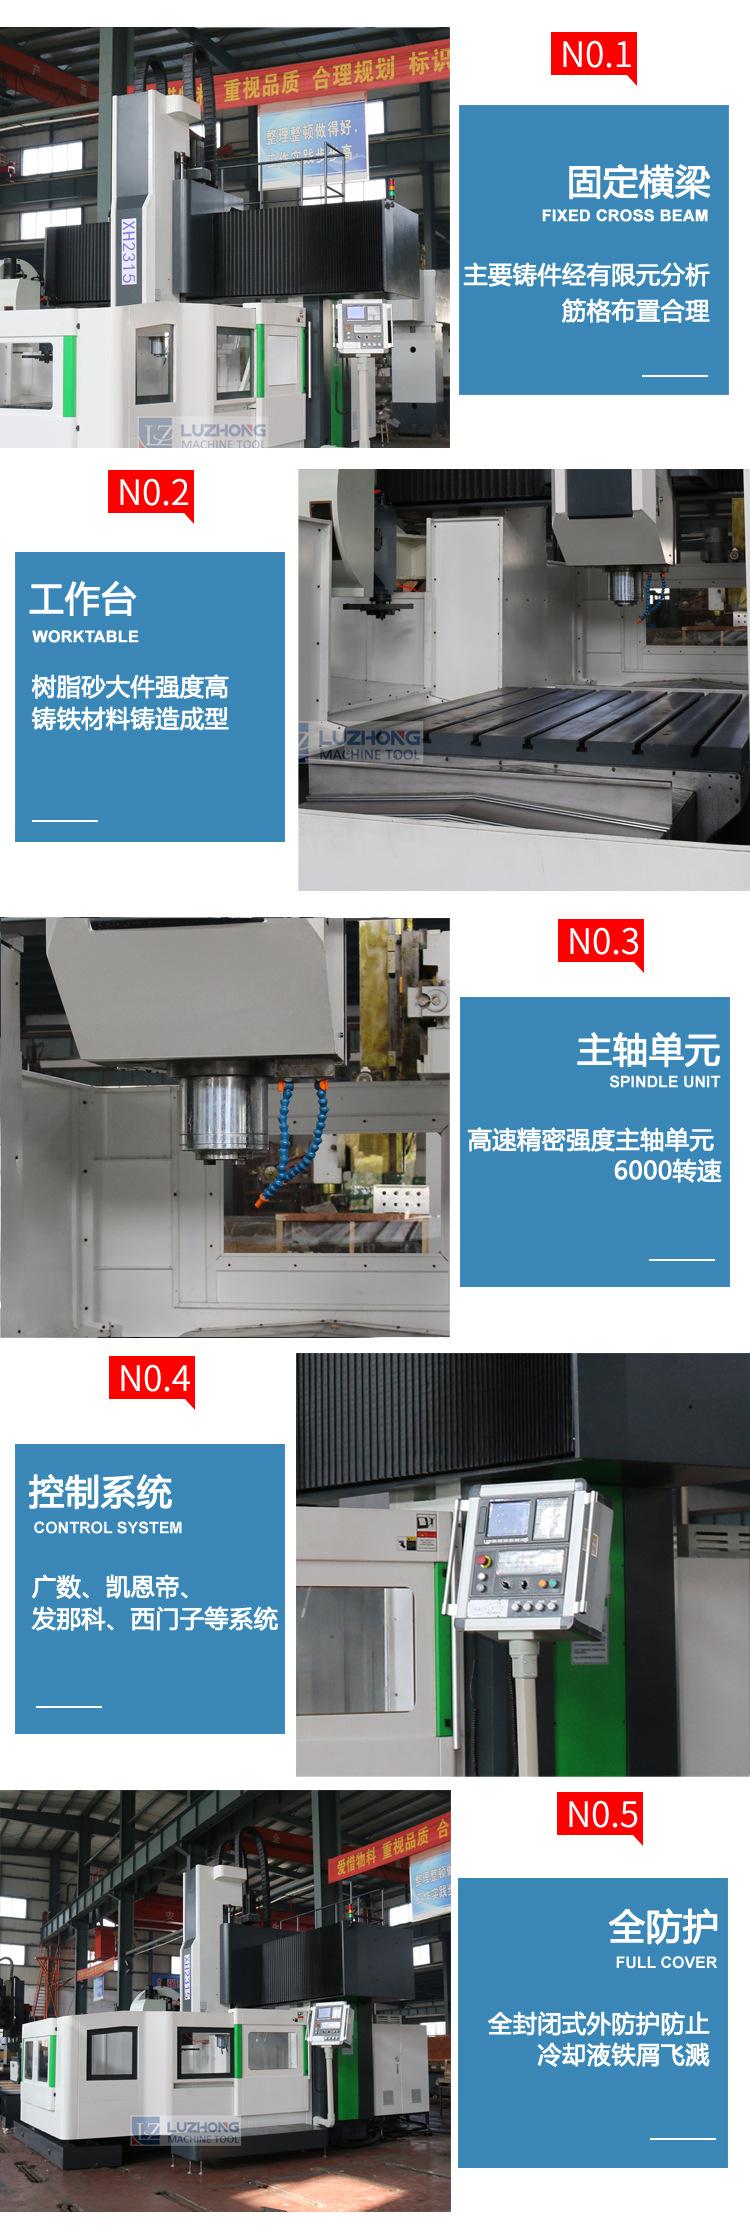 龙门加工中心GMC2013立式加工中心XYZ行程2000*1300*600卧式龙门示例图4